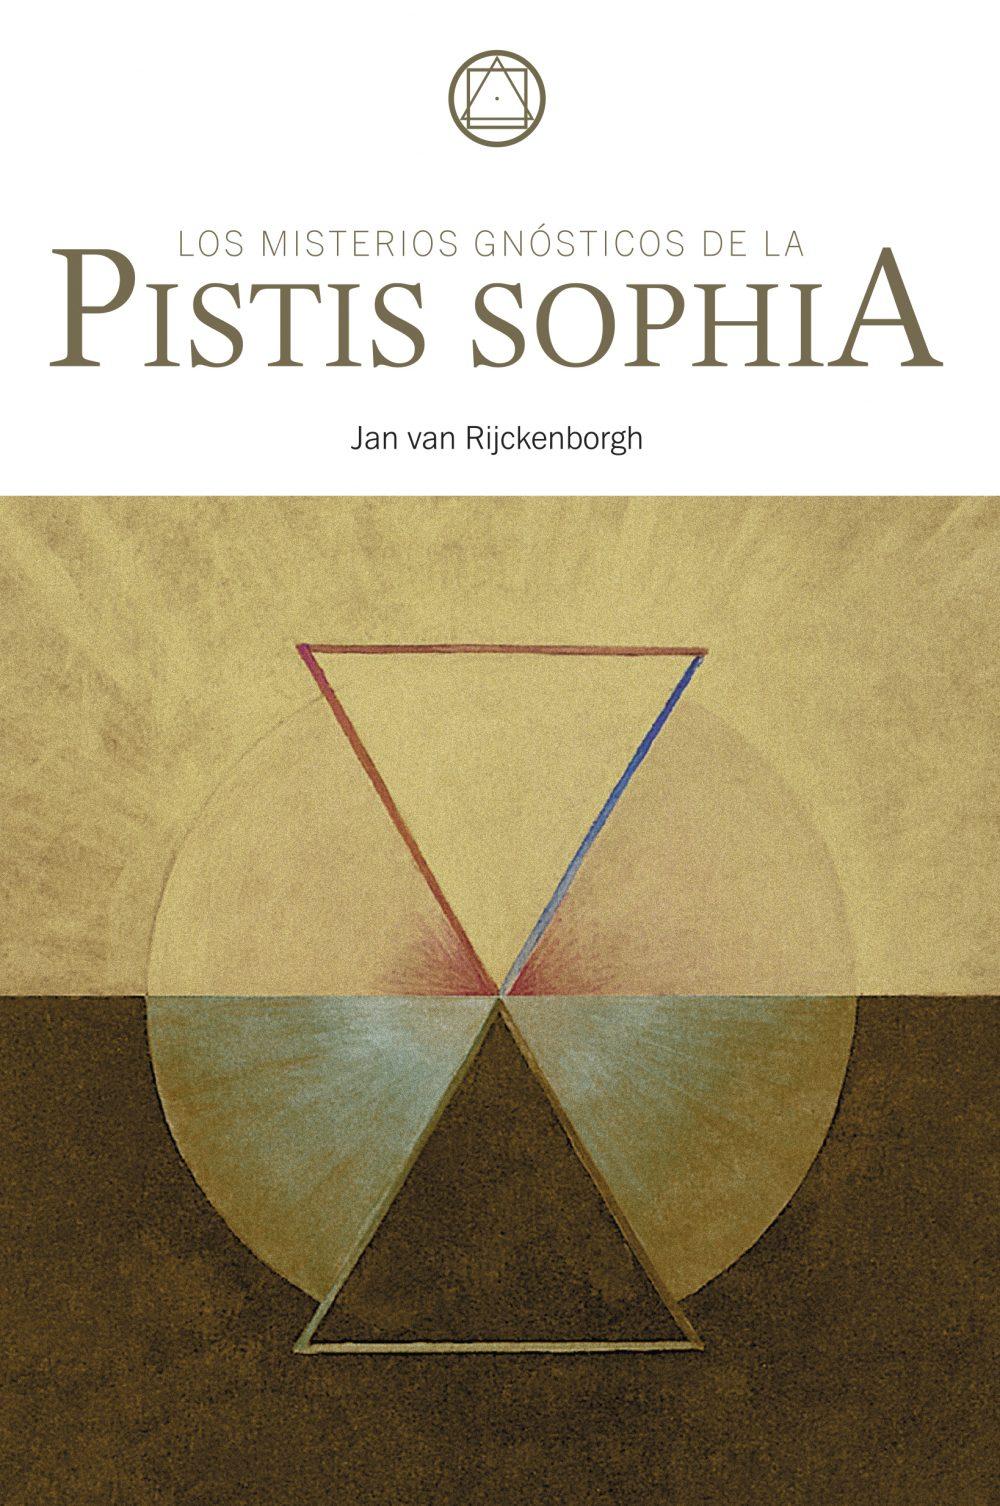 Portada Libro - Pistis Sophia